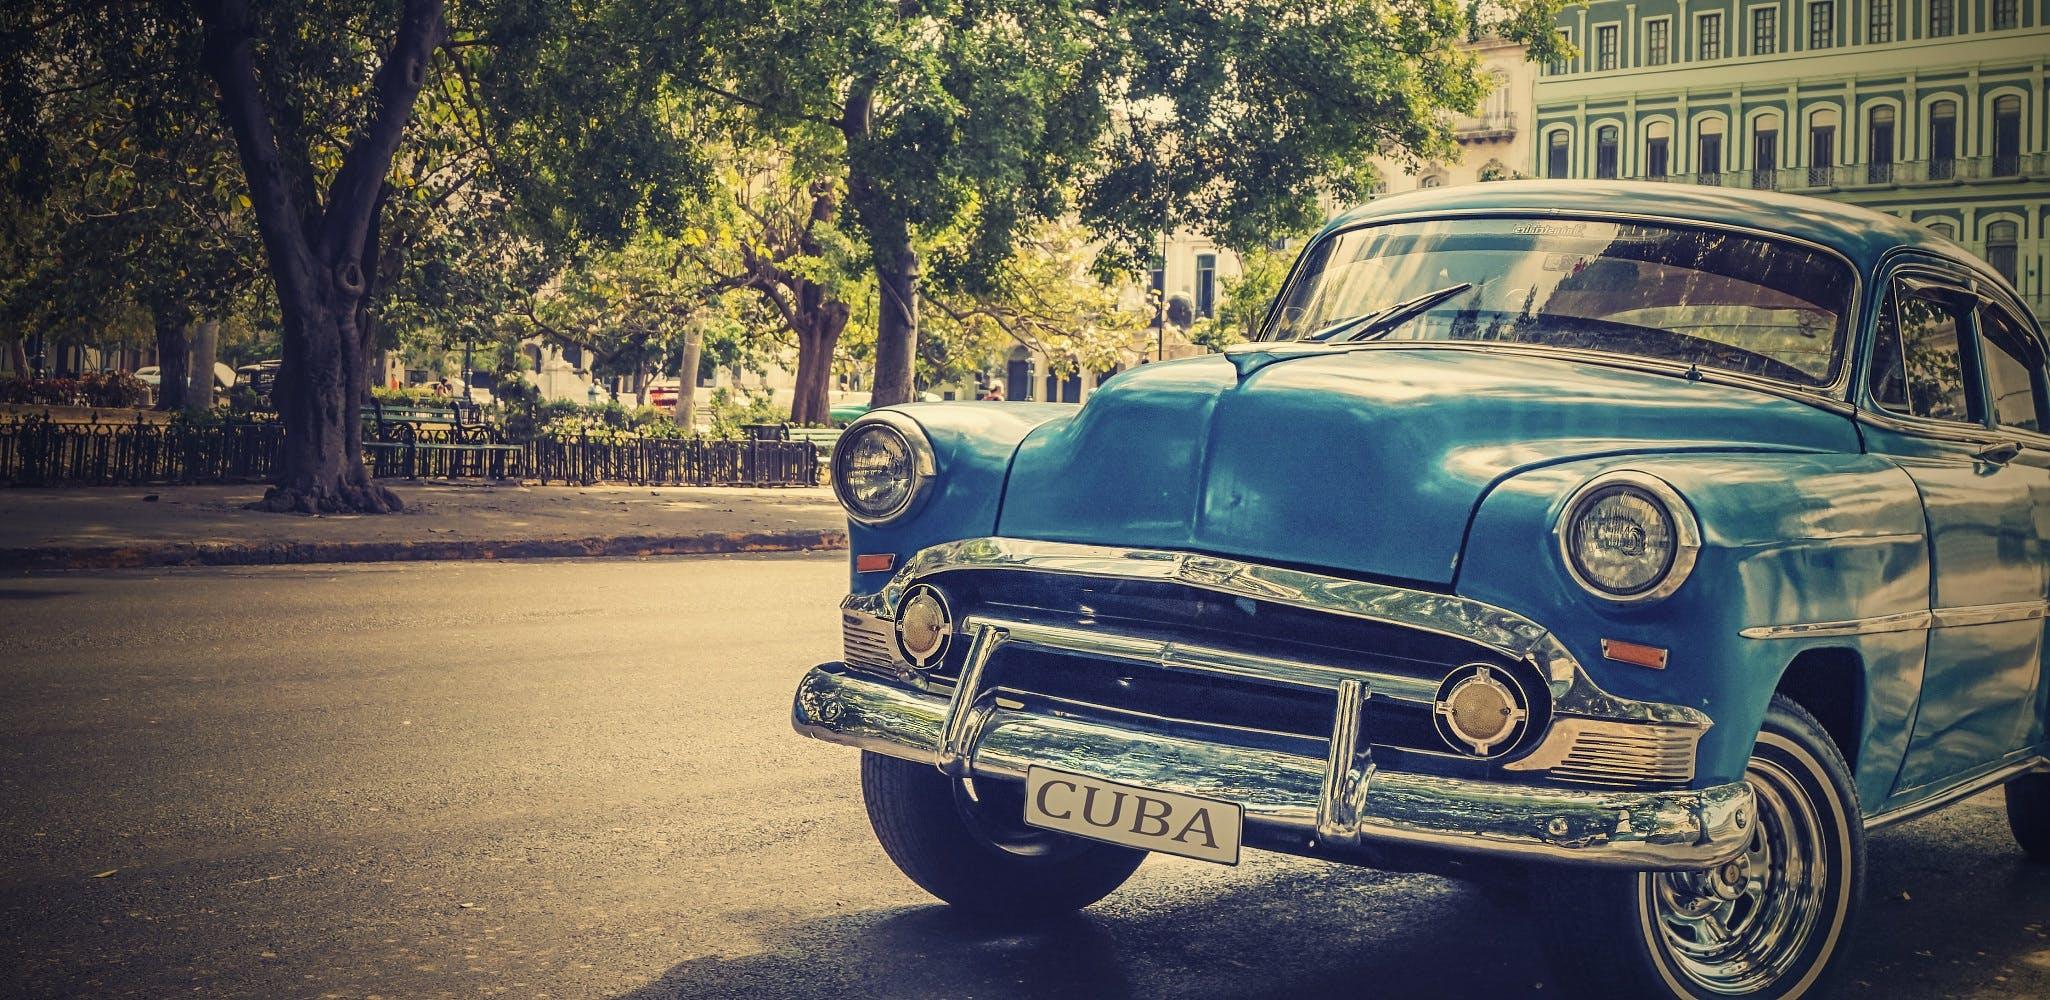 Vintage Blue Car on Roadside